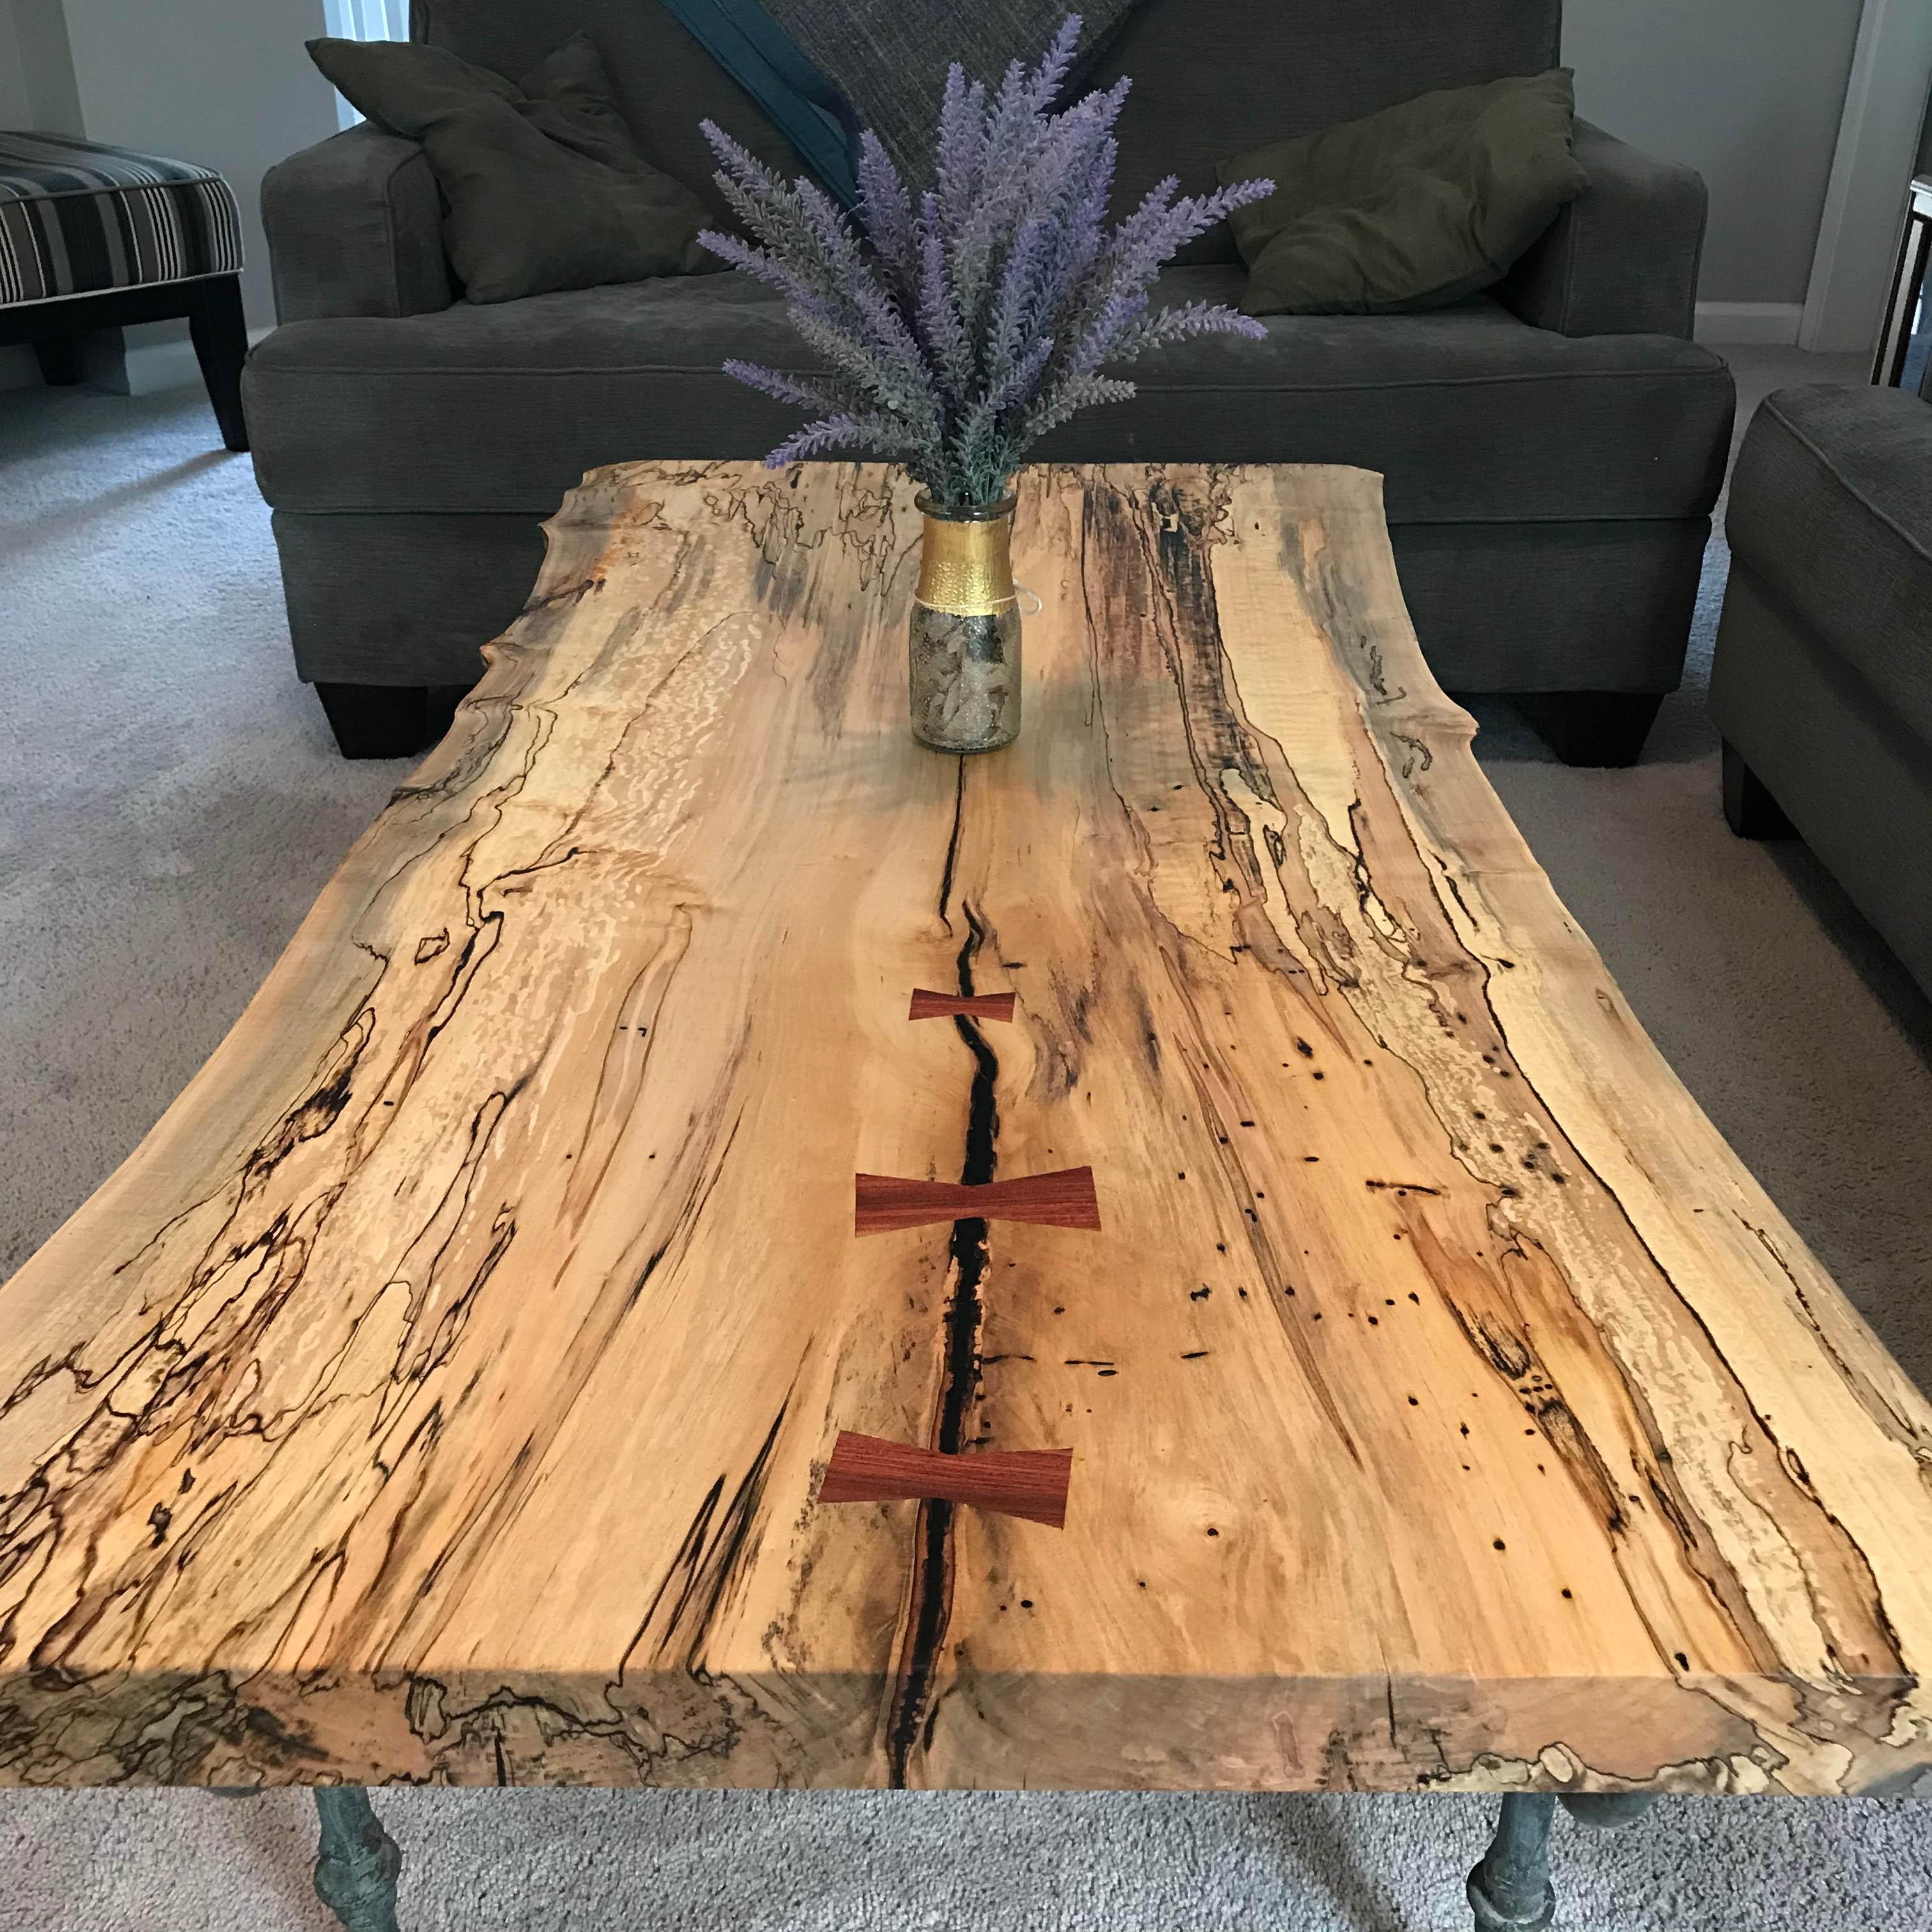 Idee il fai da te: personalizza il tuo piano del tavolo con un intarsio in legno o in metallo